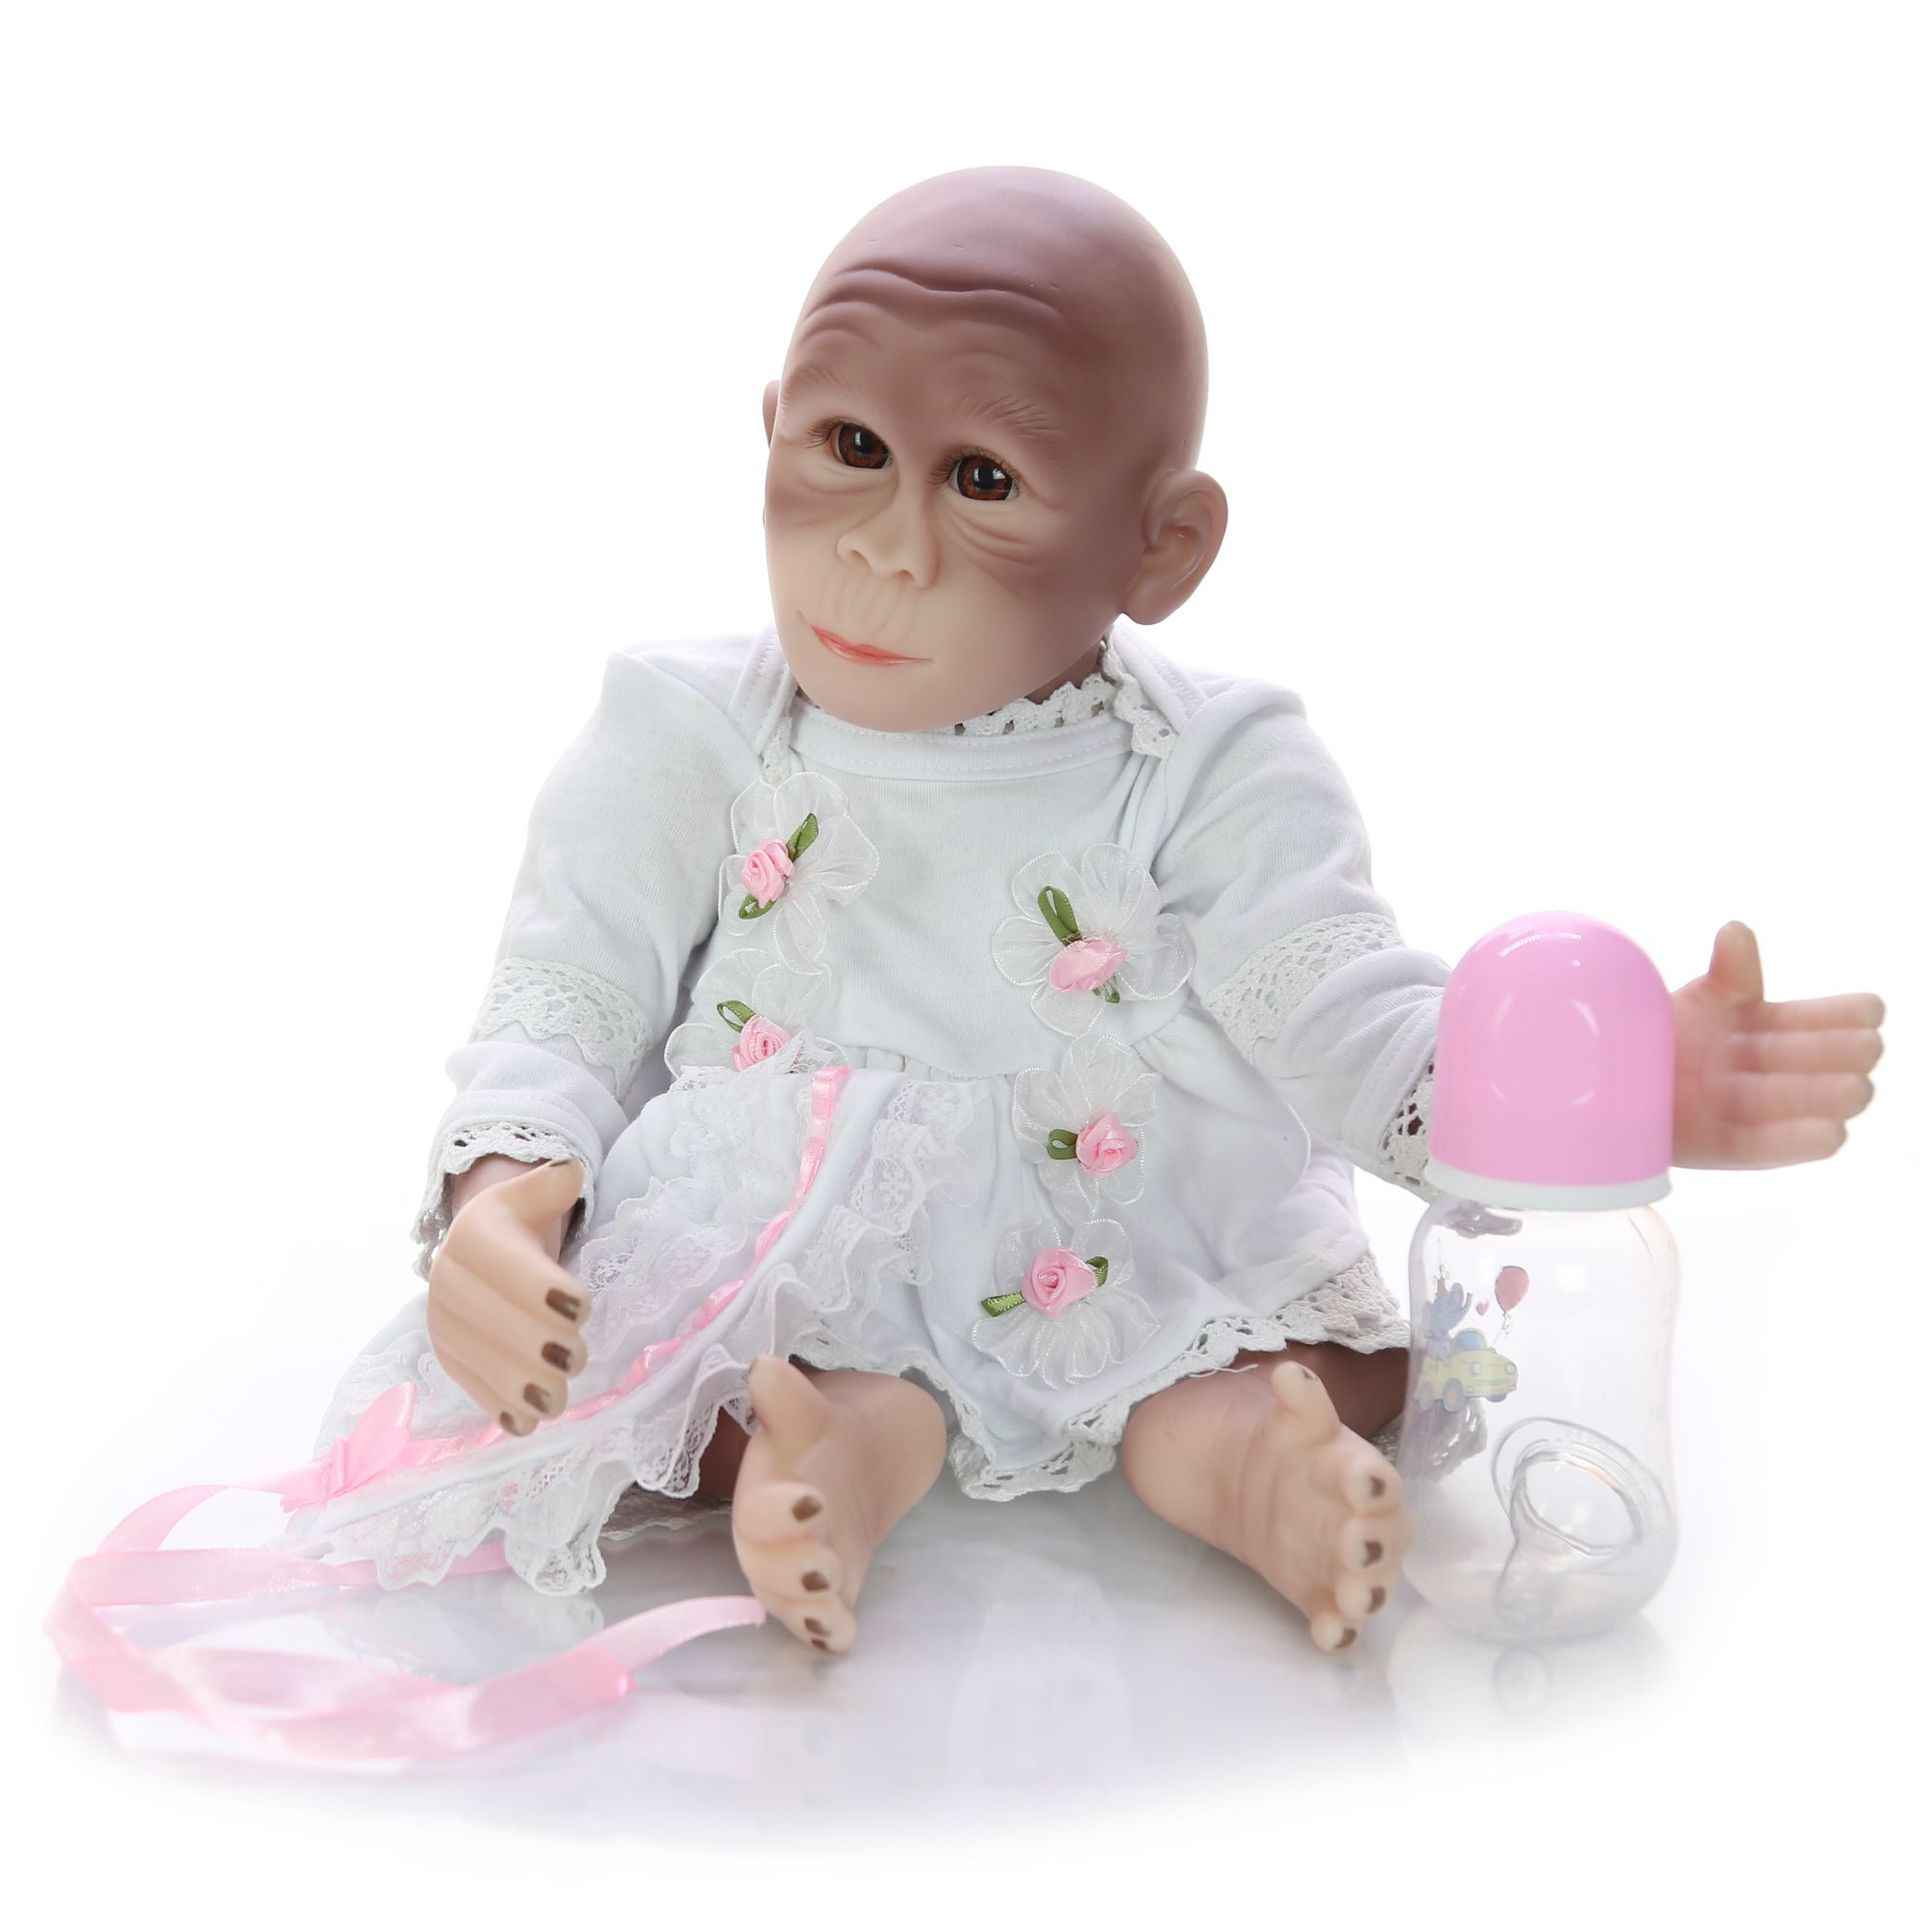 19 дюймов 48 см мягкие силиконовые куклы ручной работы Reborn Baby куклы Реалистичная обезьяна новорожденная кукла малыш милый подарок на день рождения